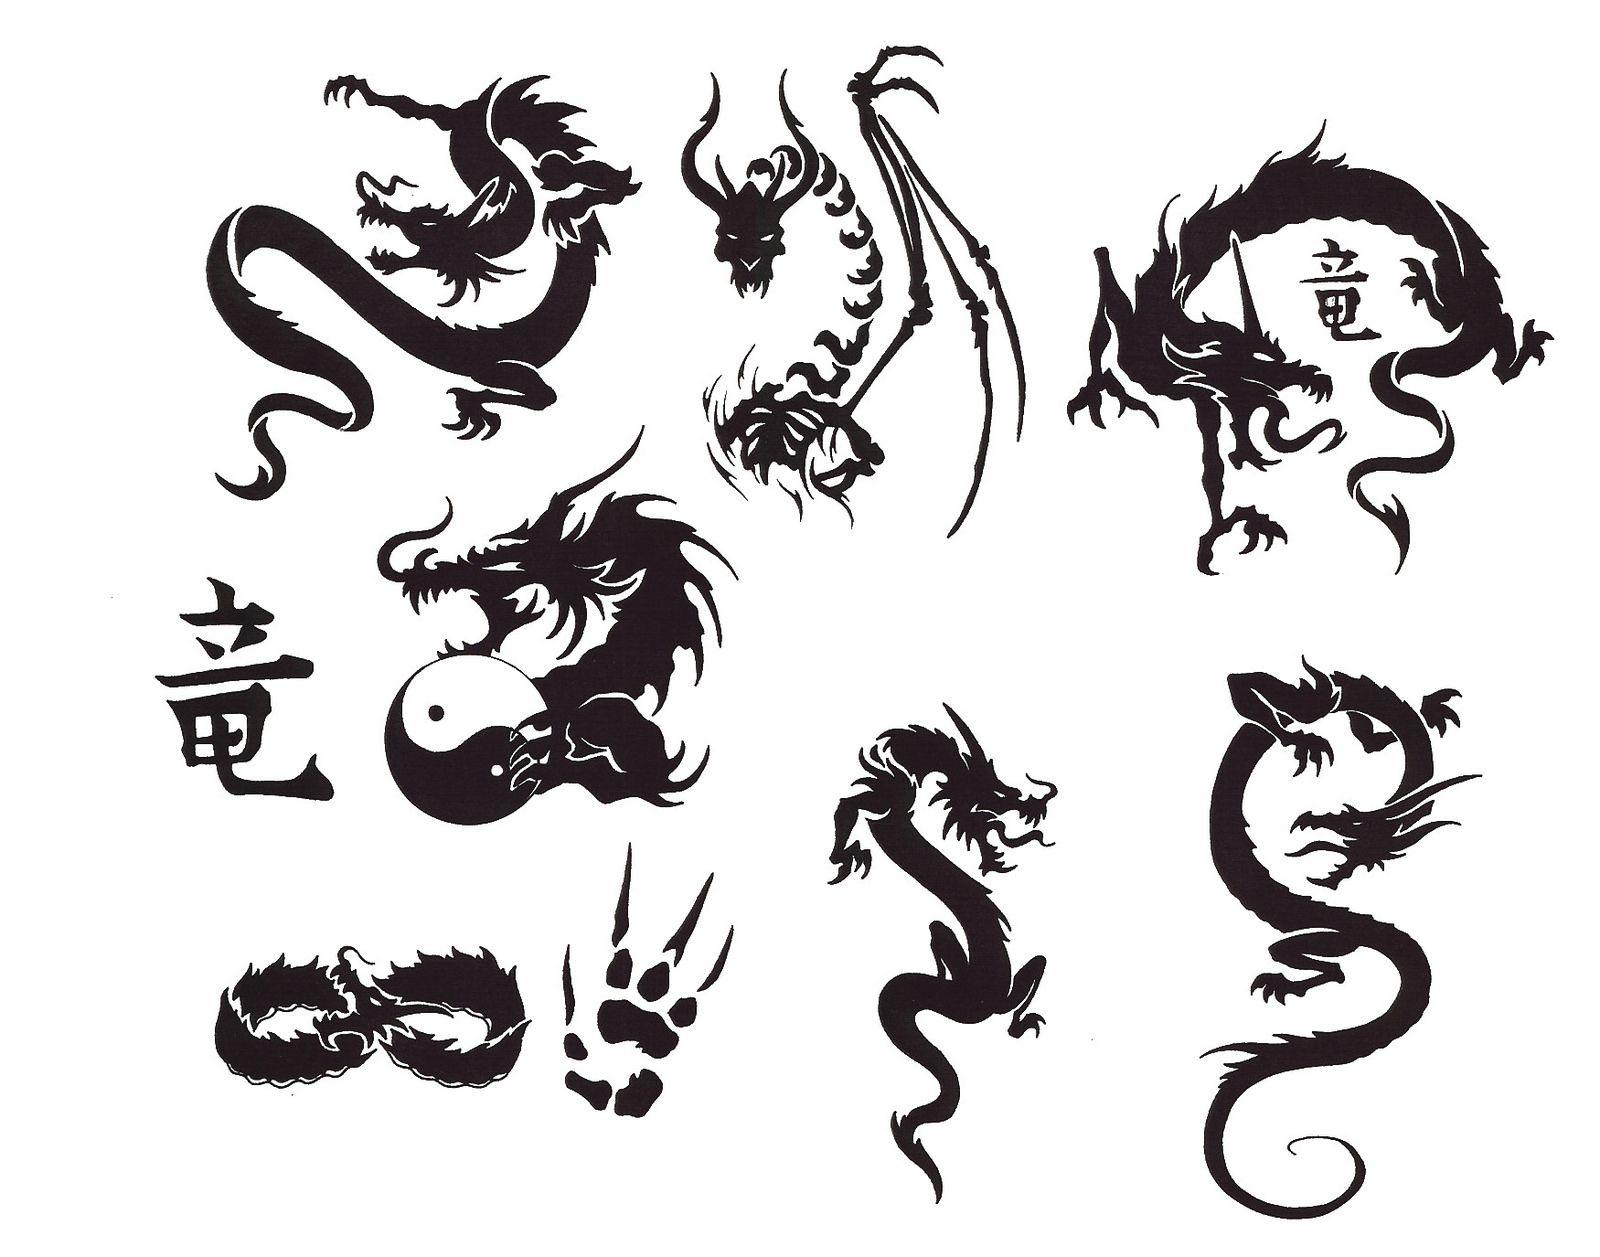 Japanese Tattoo Japanese Tattoo Small Dragon Tattoos Dragon Tattoo Stencil